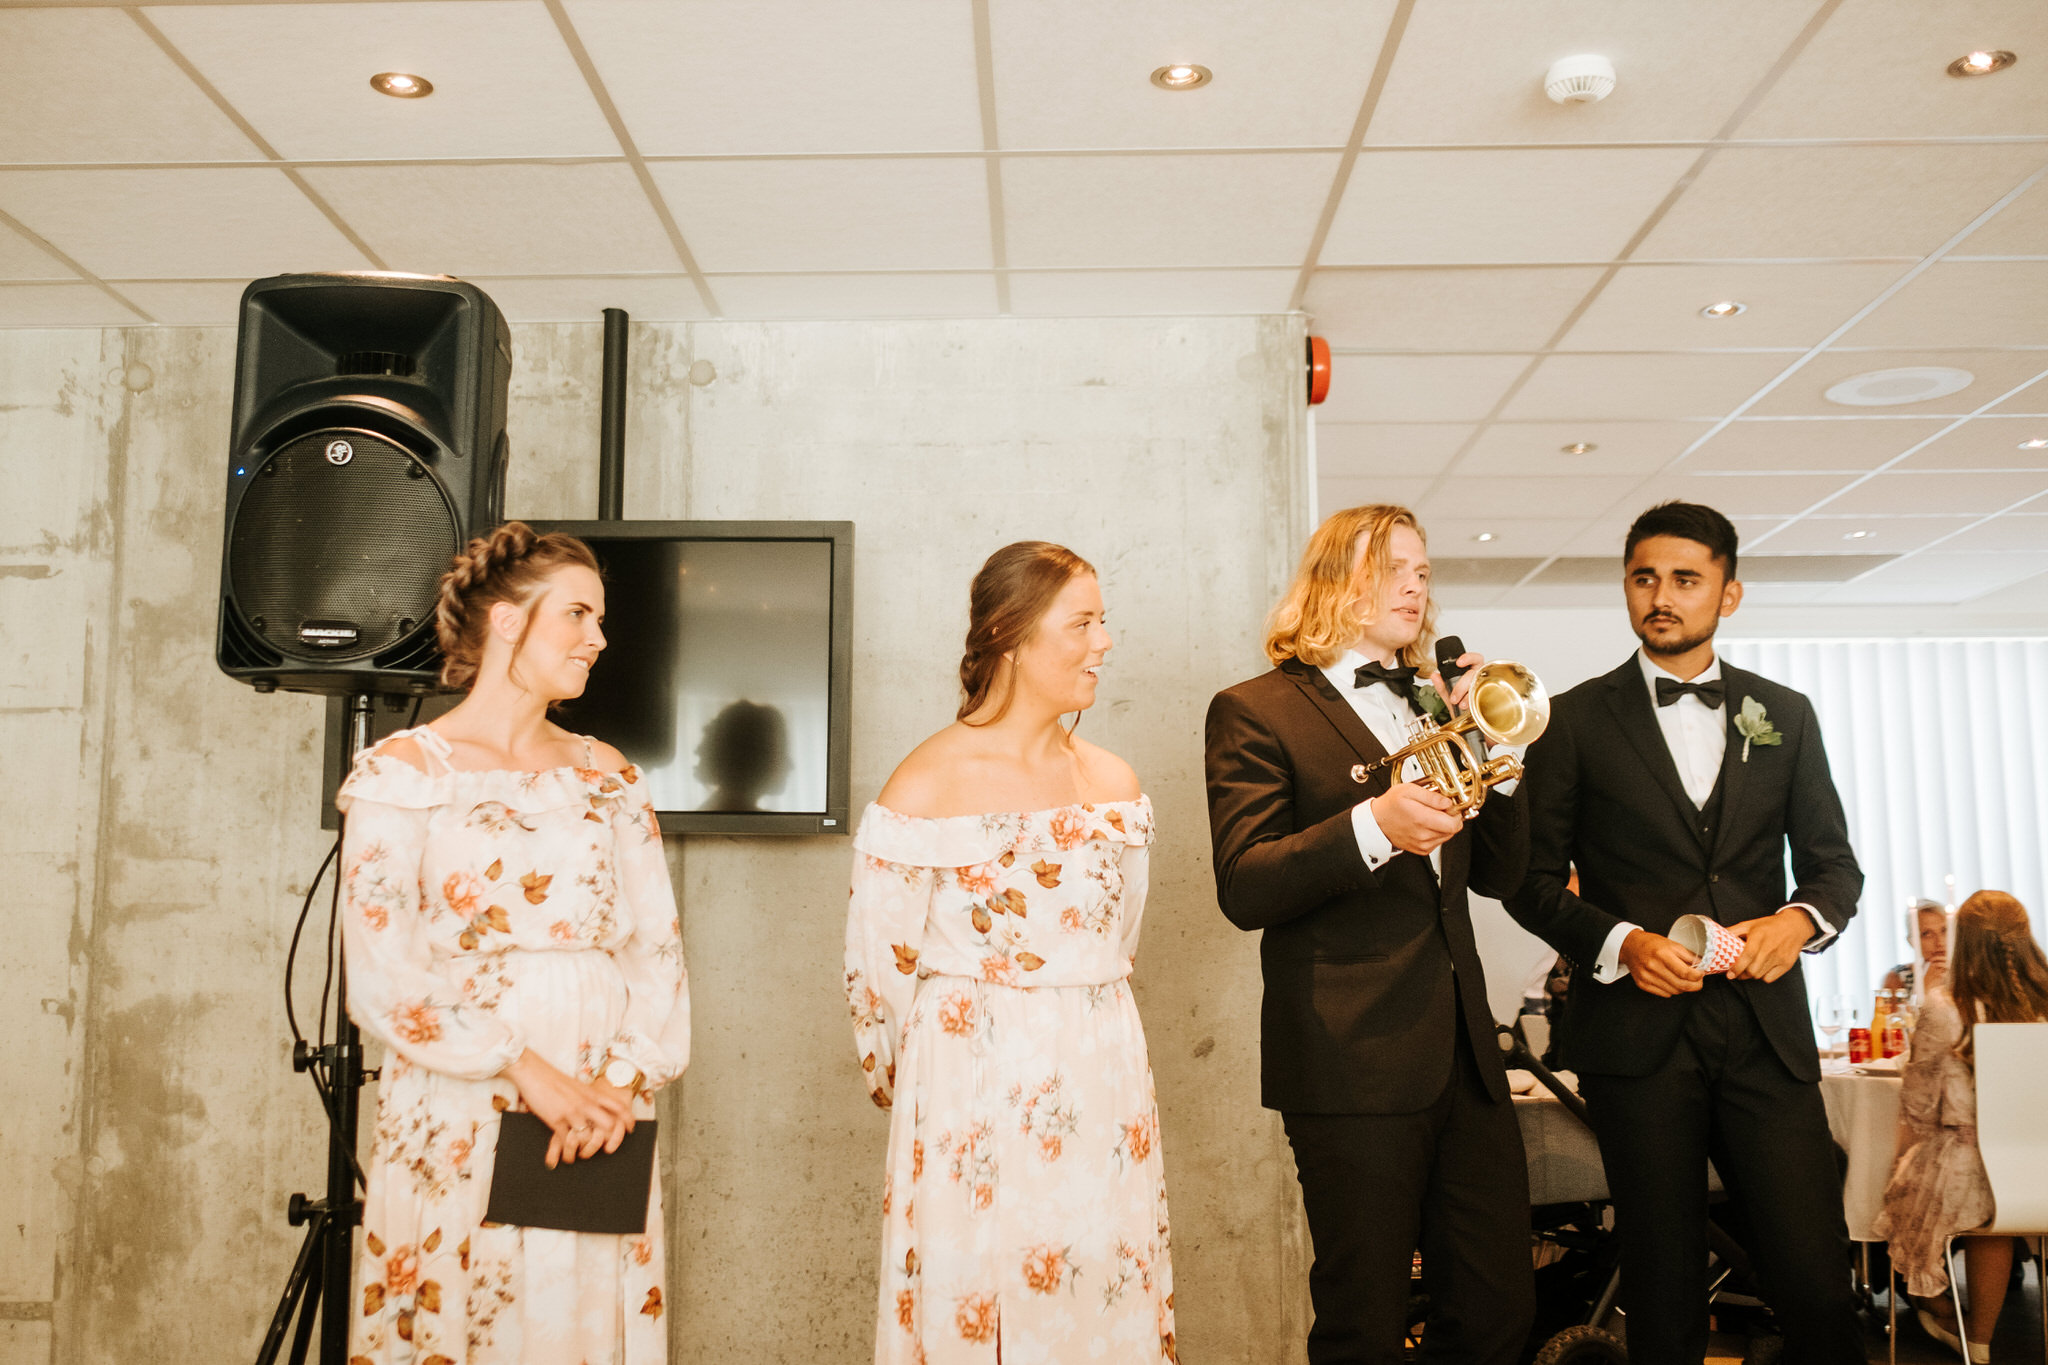 sokndal egersund bryllupsfotograf 043.JPG